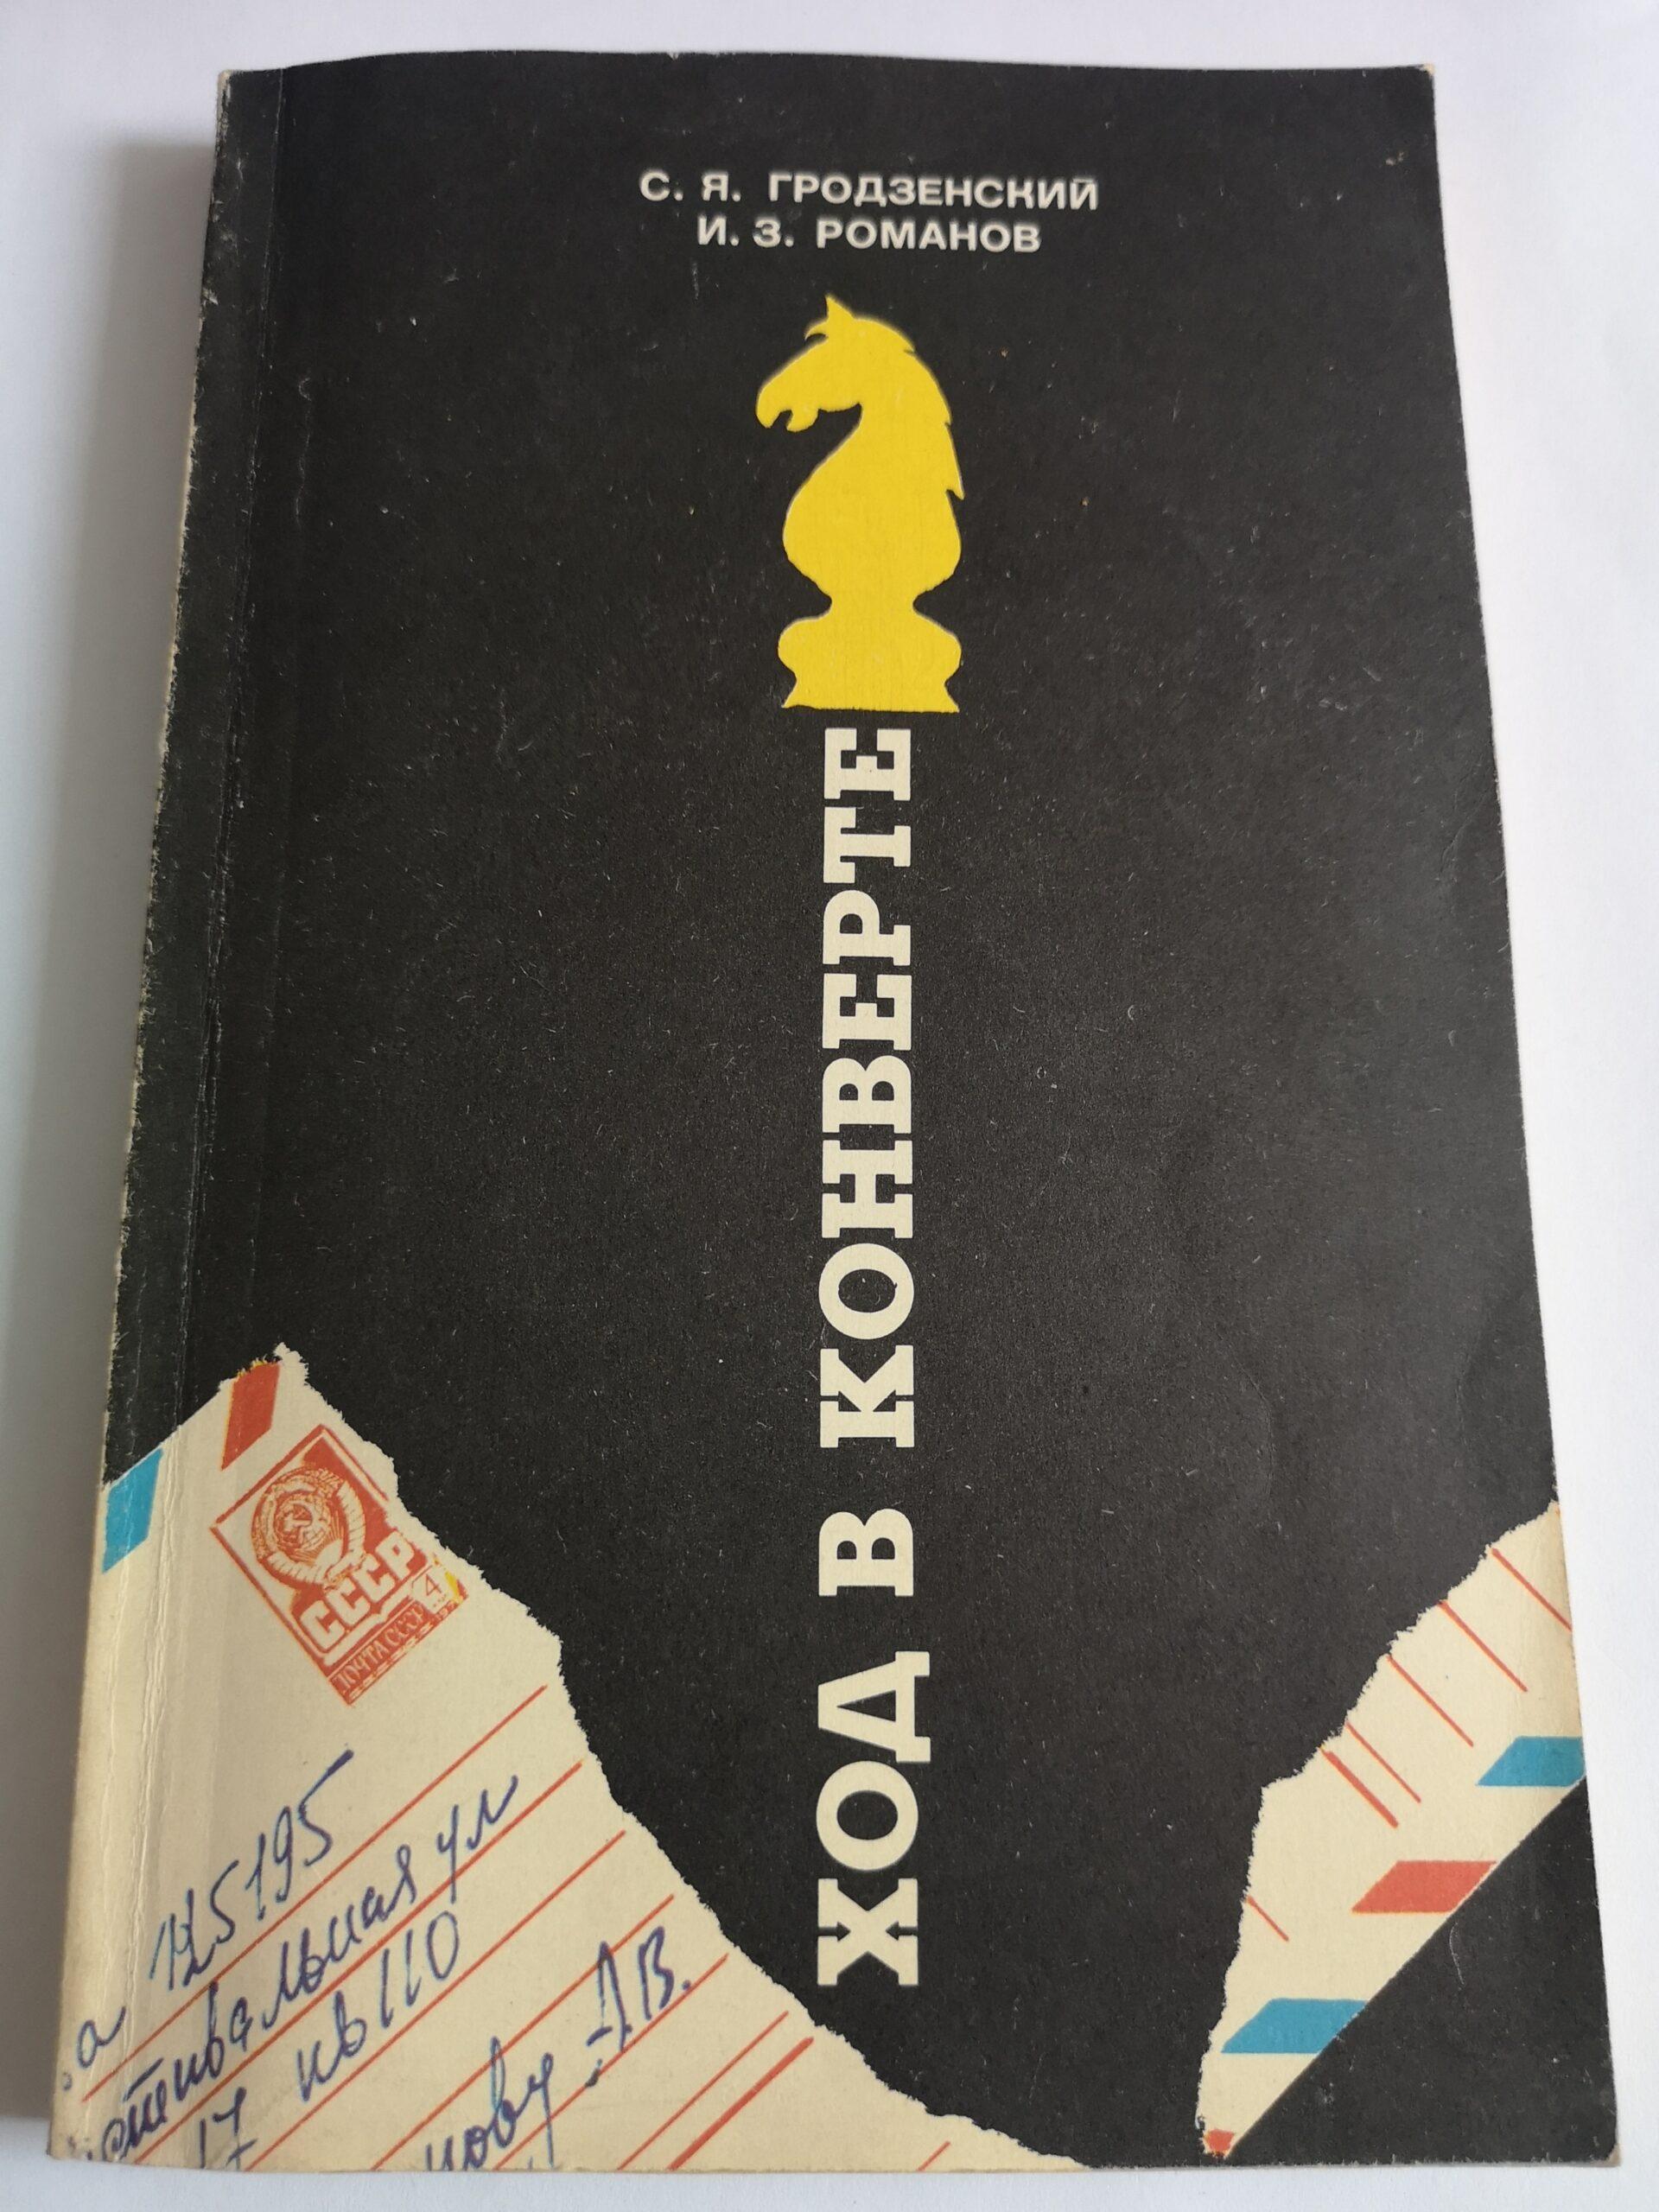 225# Posunięcie w kopercie (Grodzienskij & Romanow)